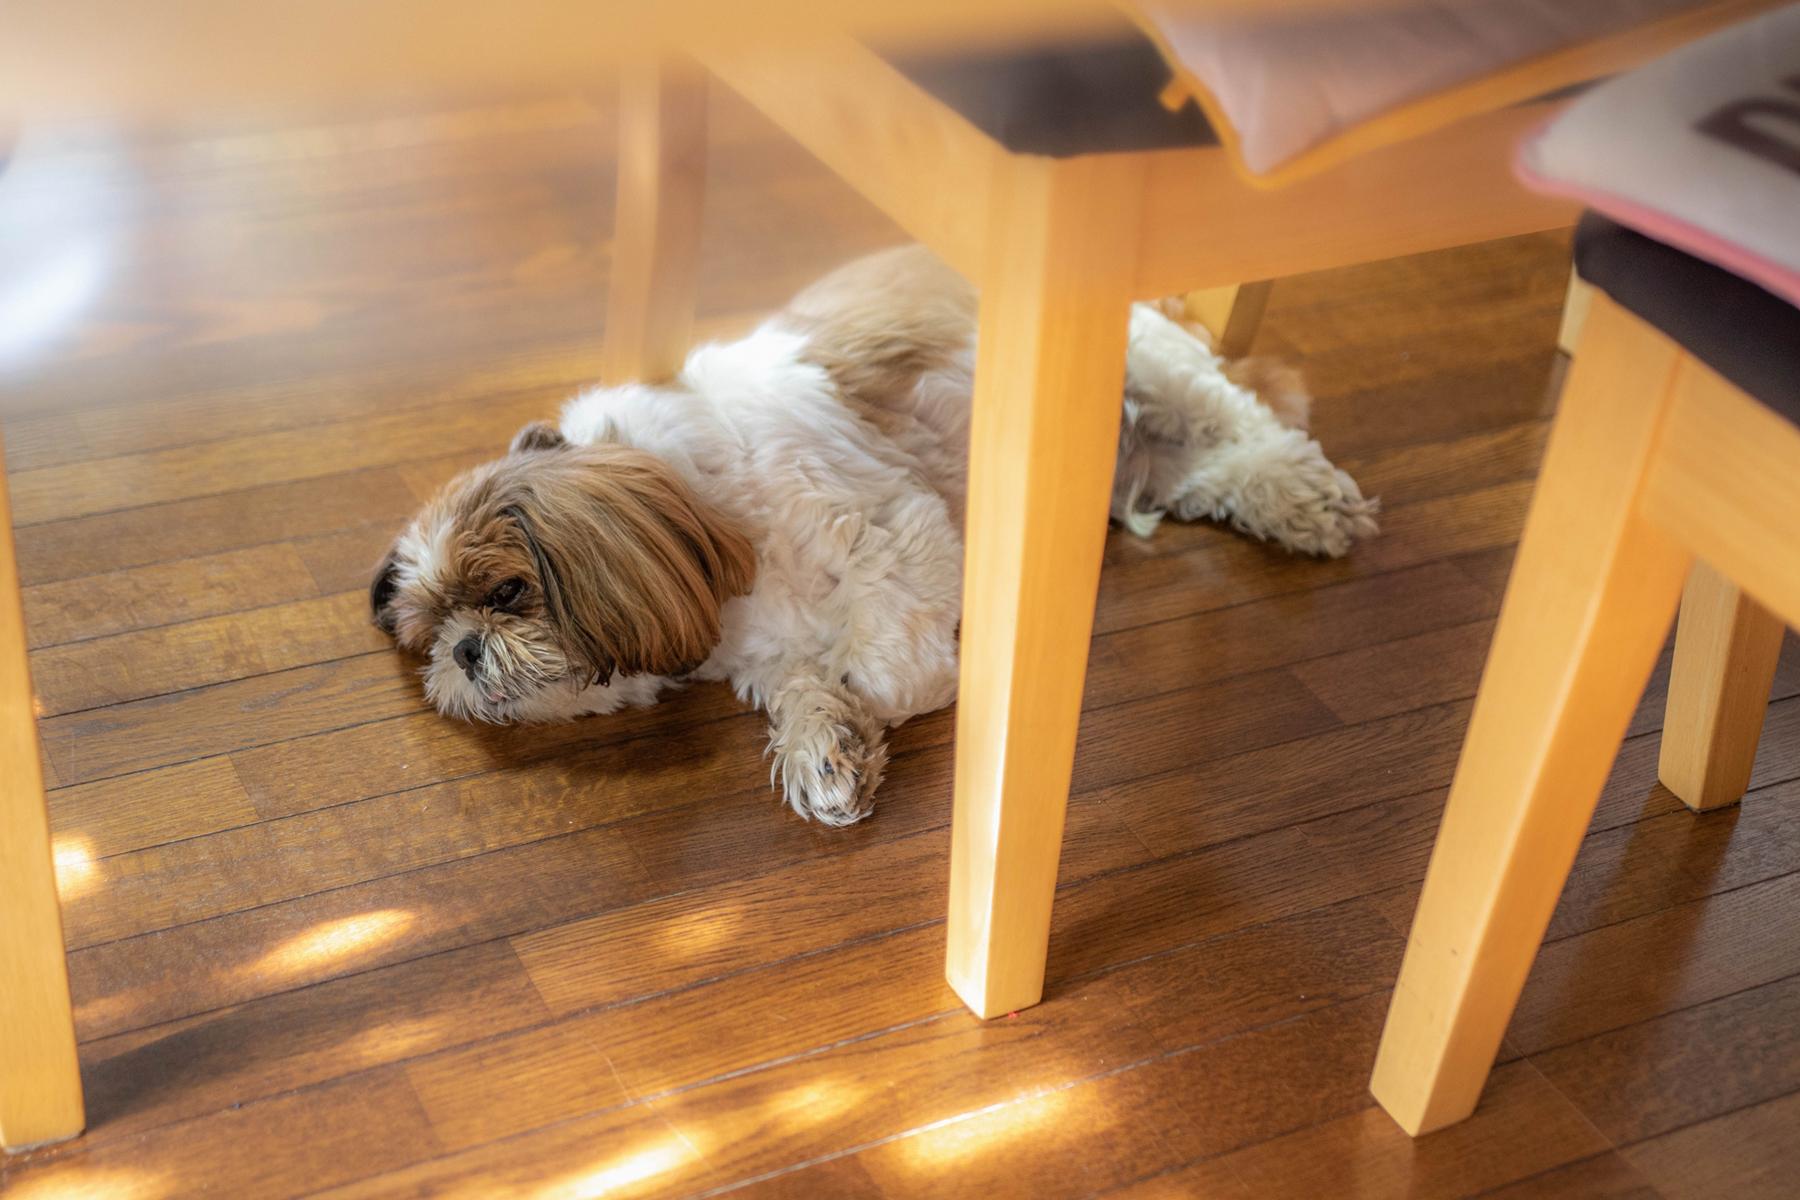 夏バテのイメージ写真で、椅子の下で寝転がる犬